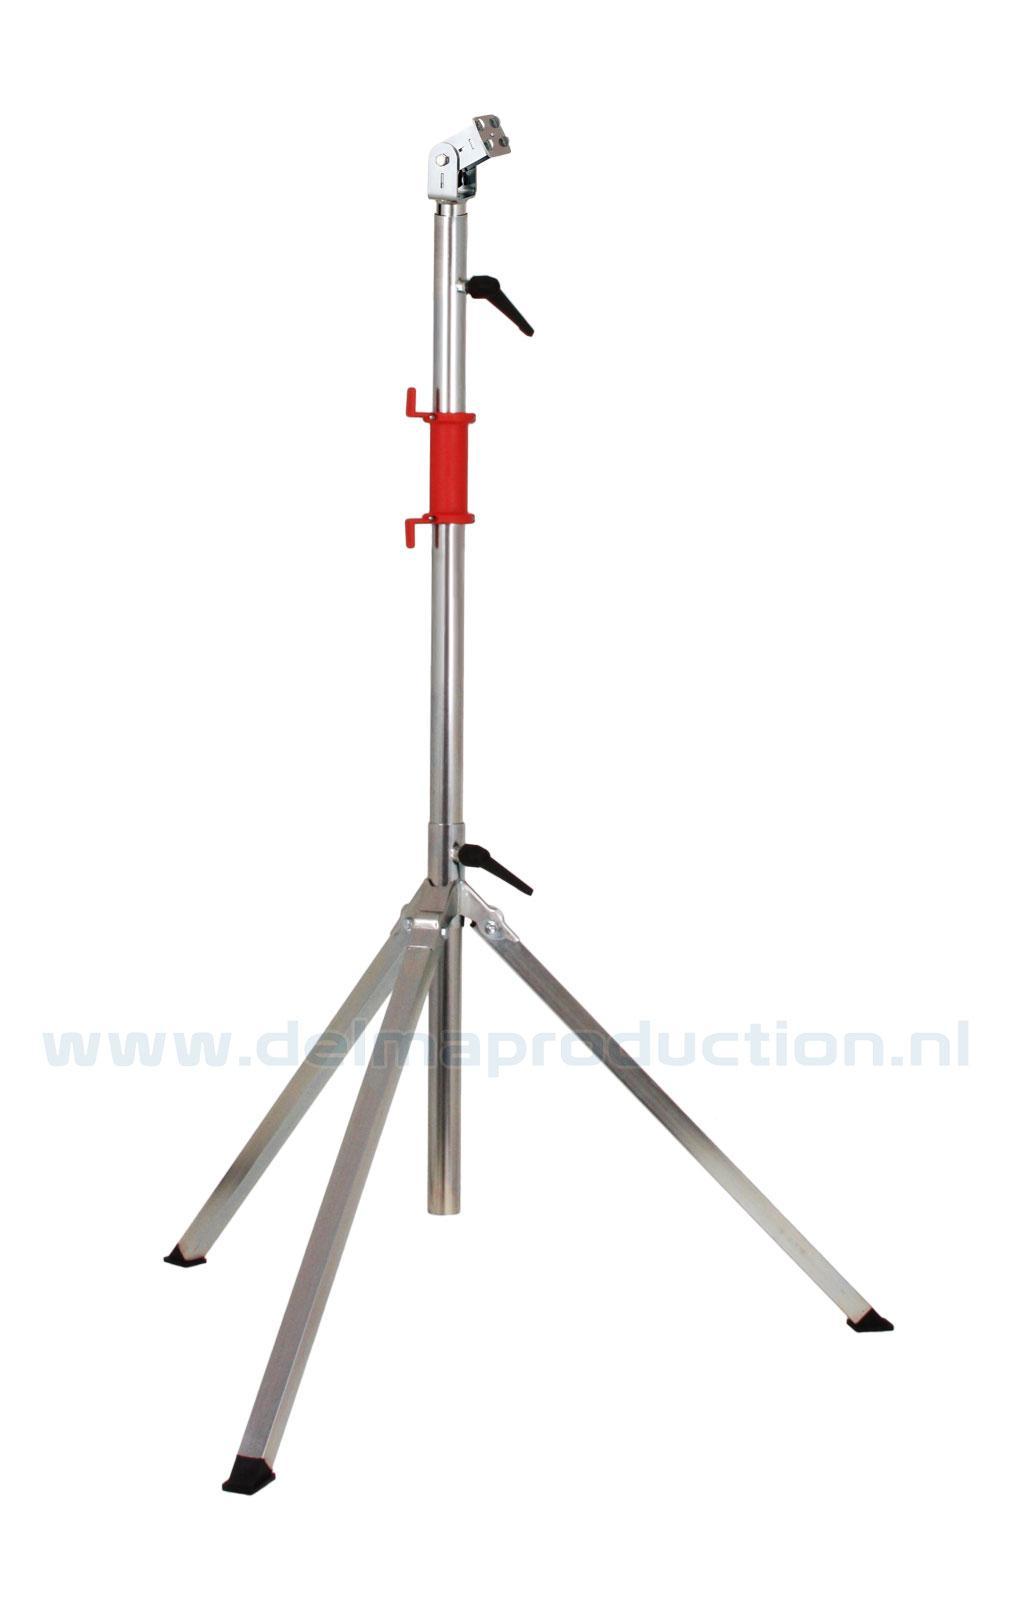 Bau-Teleskop-Stativ 3-teilig, Quick Release System